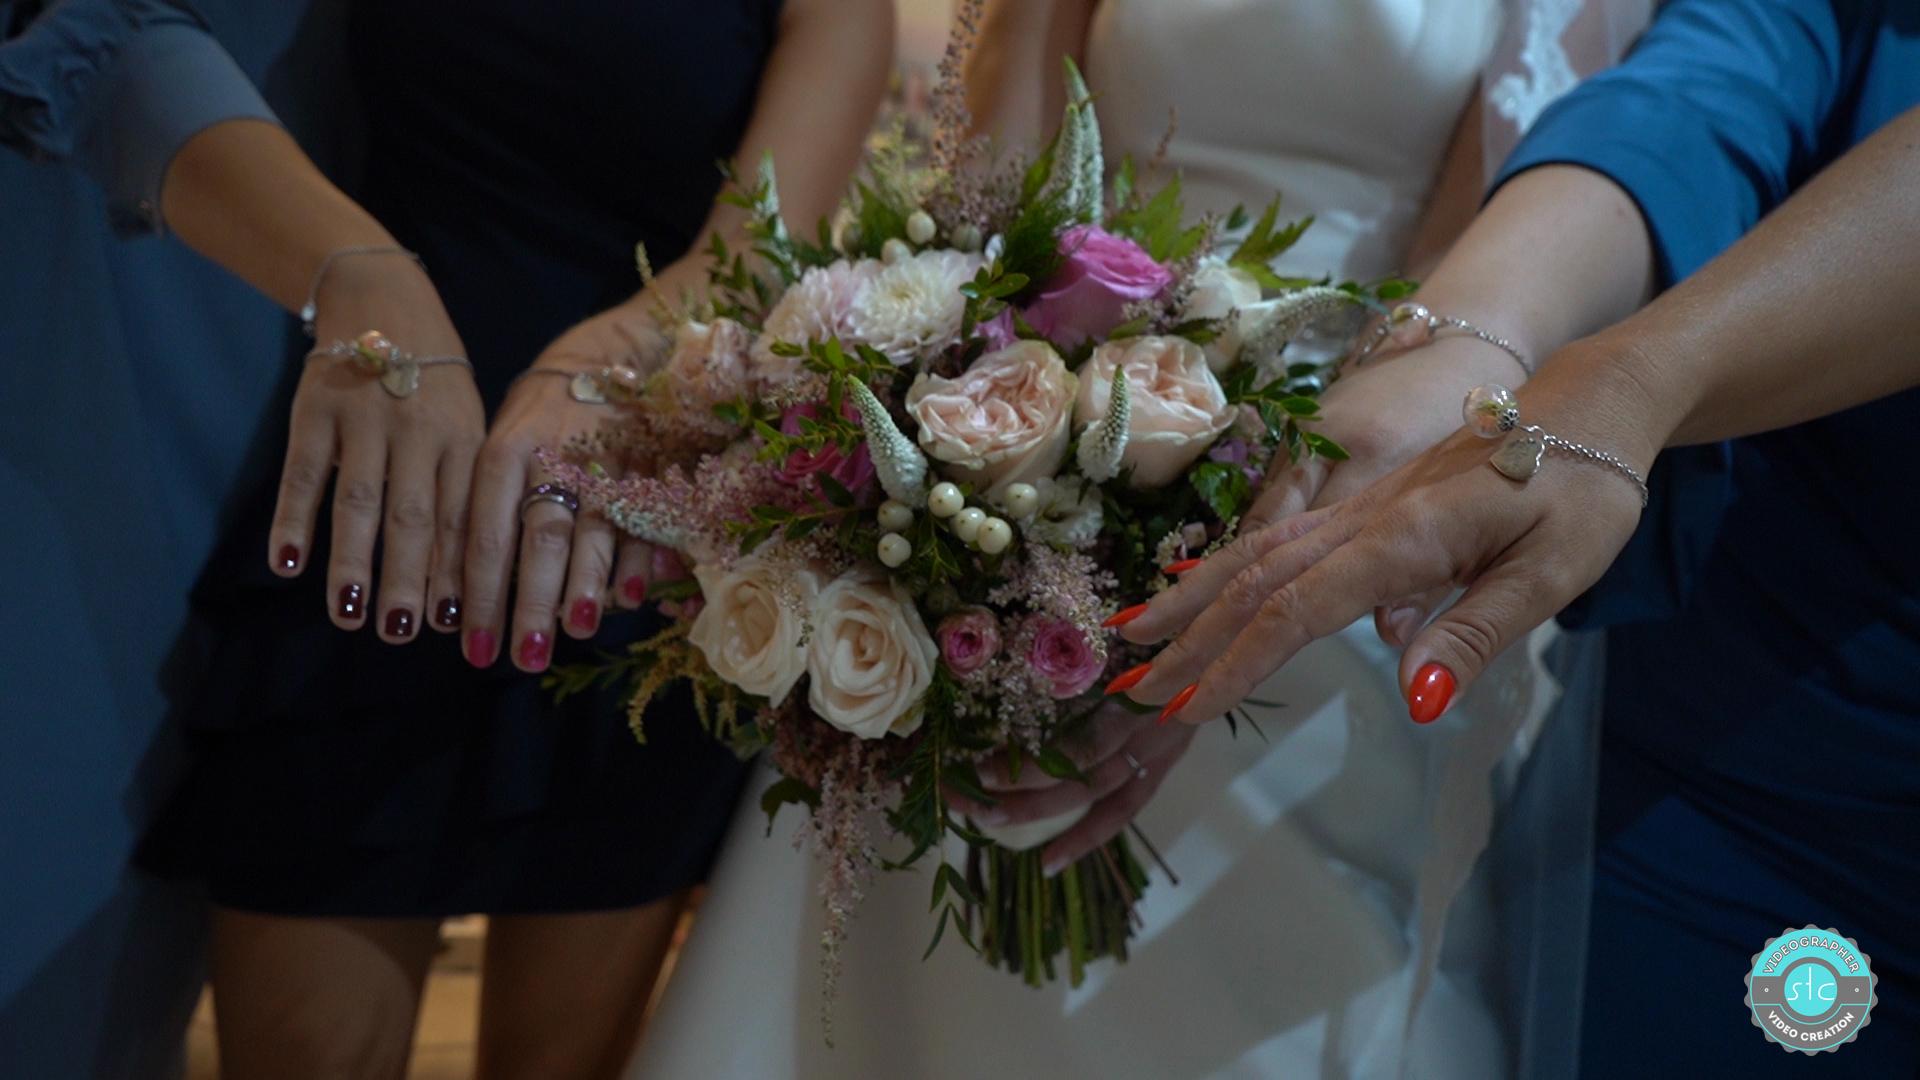 miguel-y-ana-tal-como-eres-stc-videographer-ramo-novia-bouquet-bride-regalo-amigas